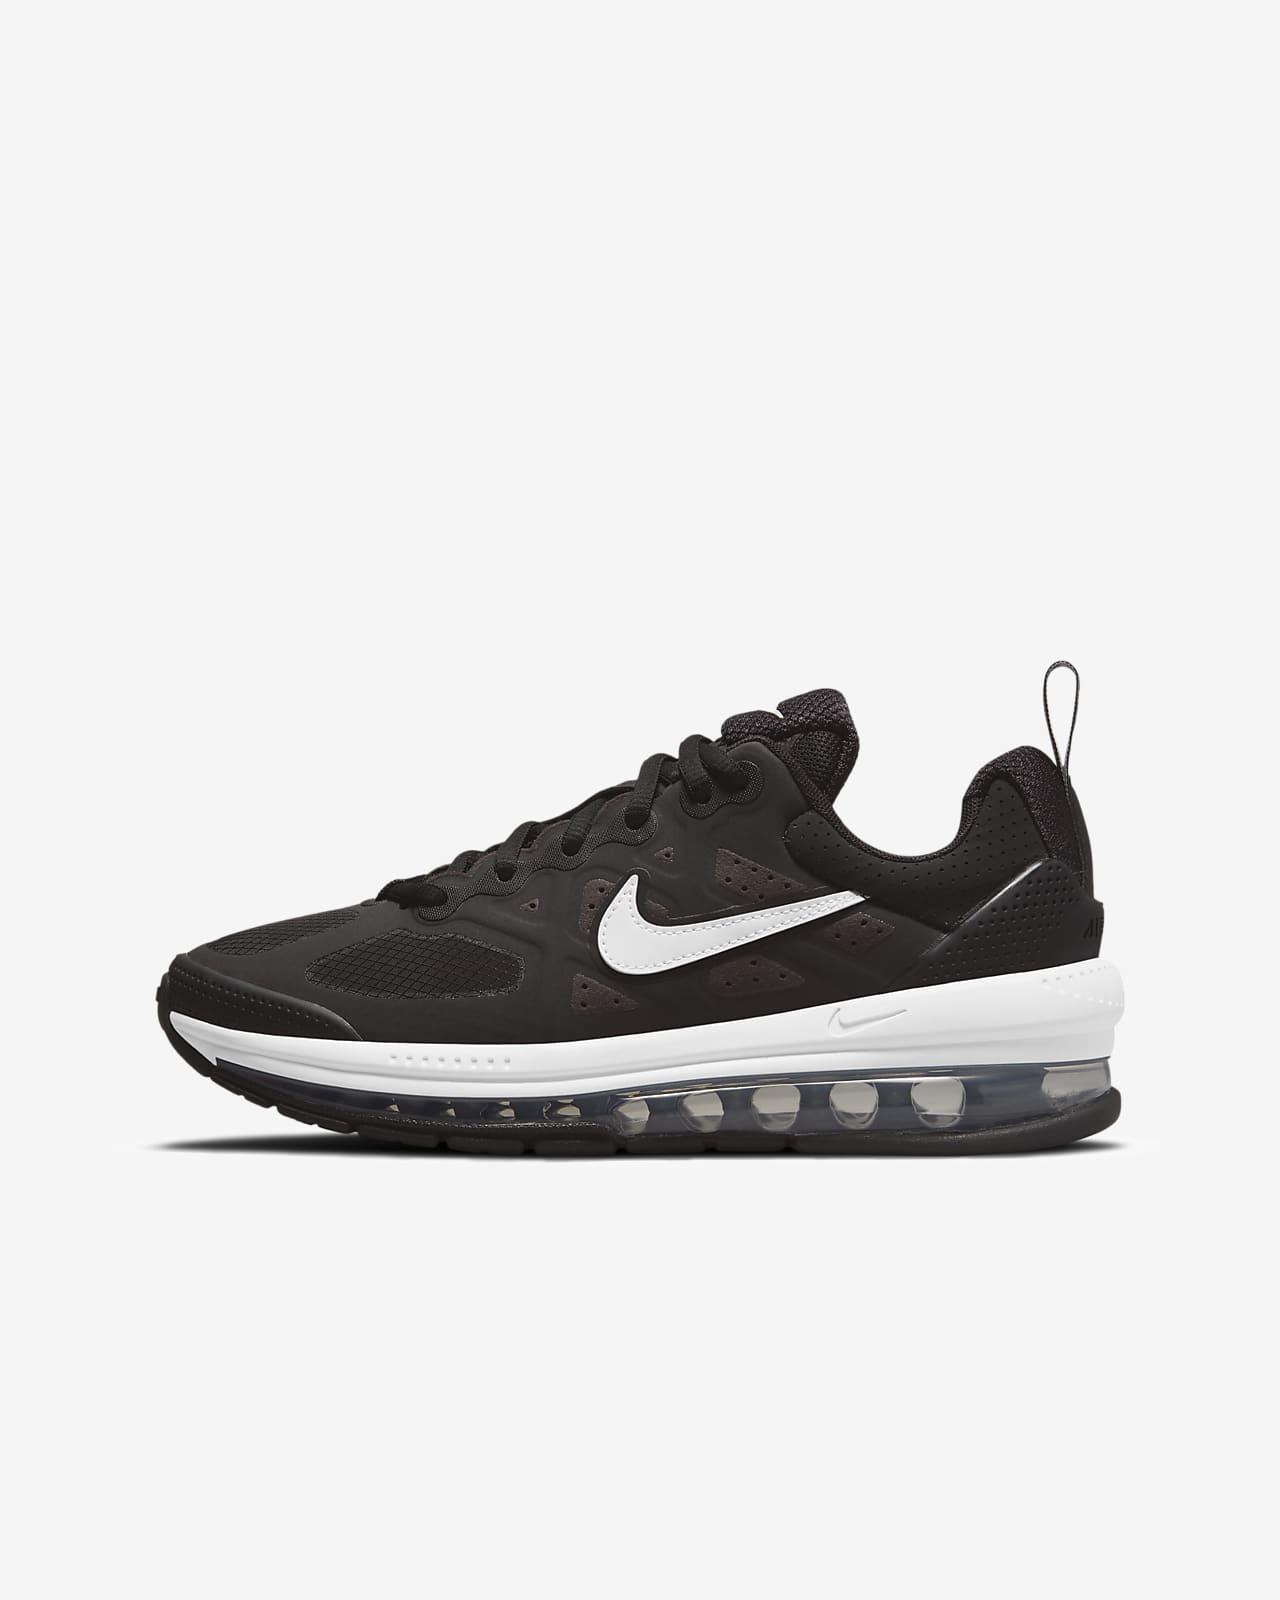 Nike Air Max Genome Genç Çocuk Ayakkabısı